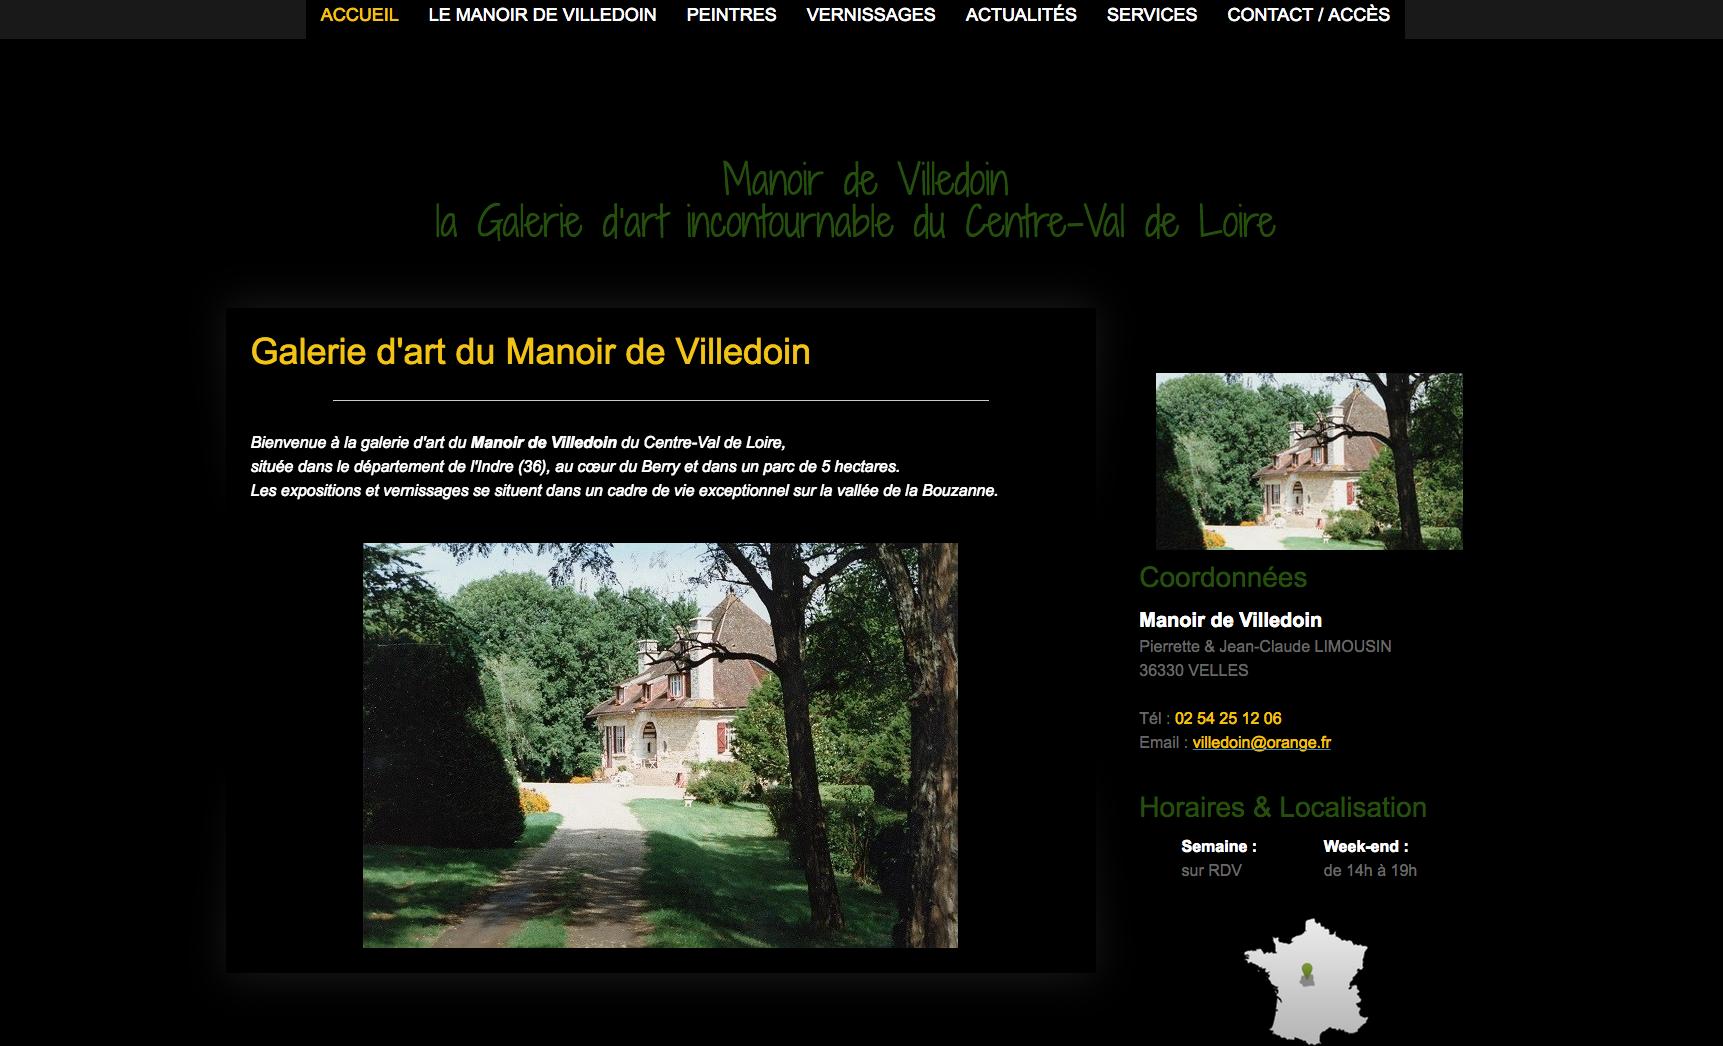 https://www.manoir-de-villedoin.com/